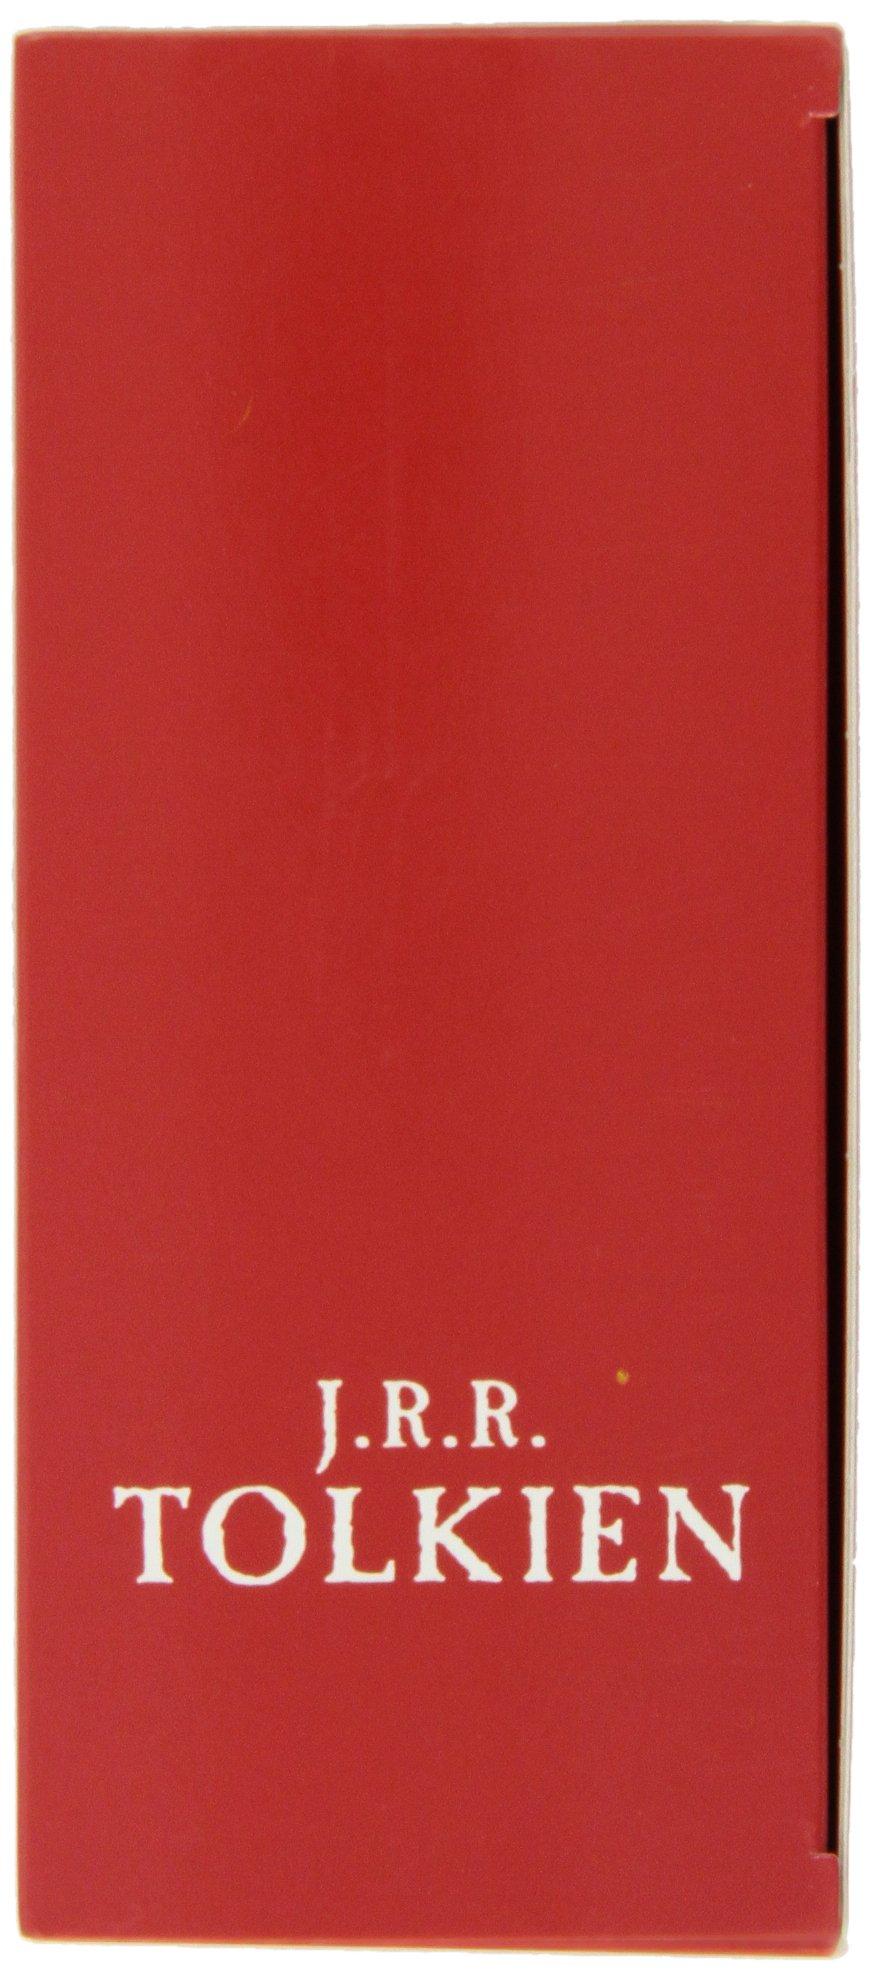 Estuche minilibros Tolkien Biblioteca J. R. R. Tolkien: Amazon.es: Tolkien, J. R. R., Traductores varios: Libros